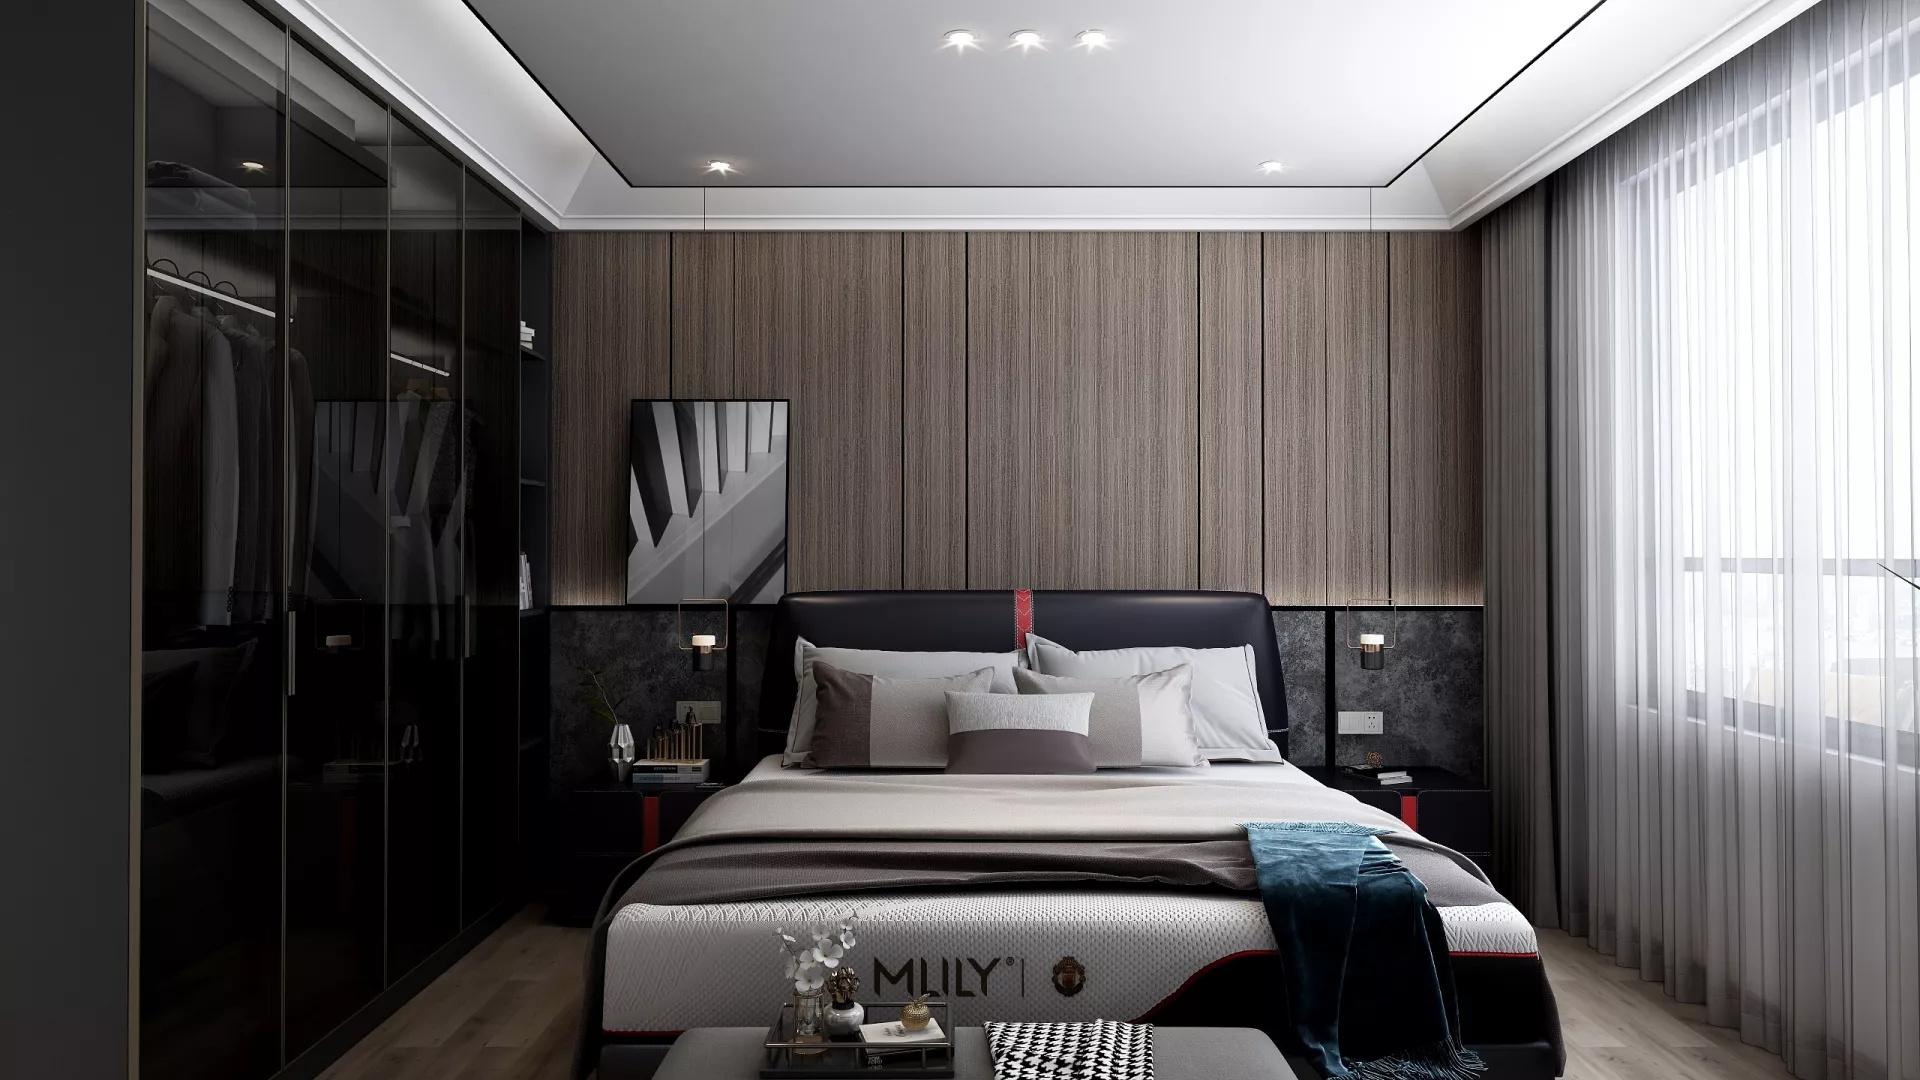 客厅设计技巧有哪些?客厅如何装修设计?